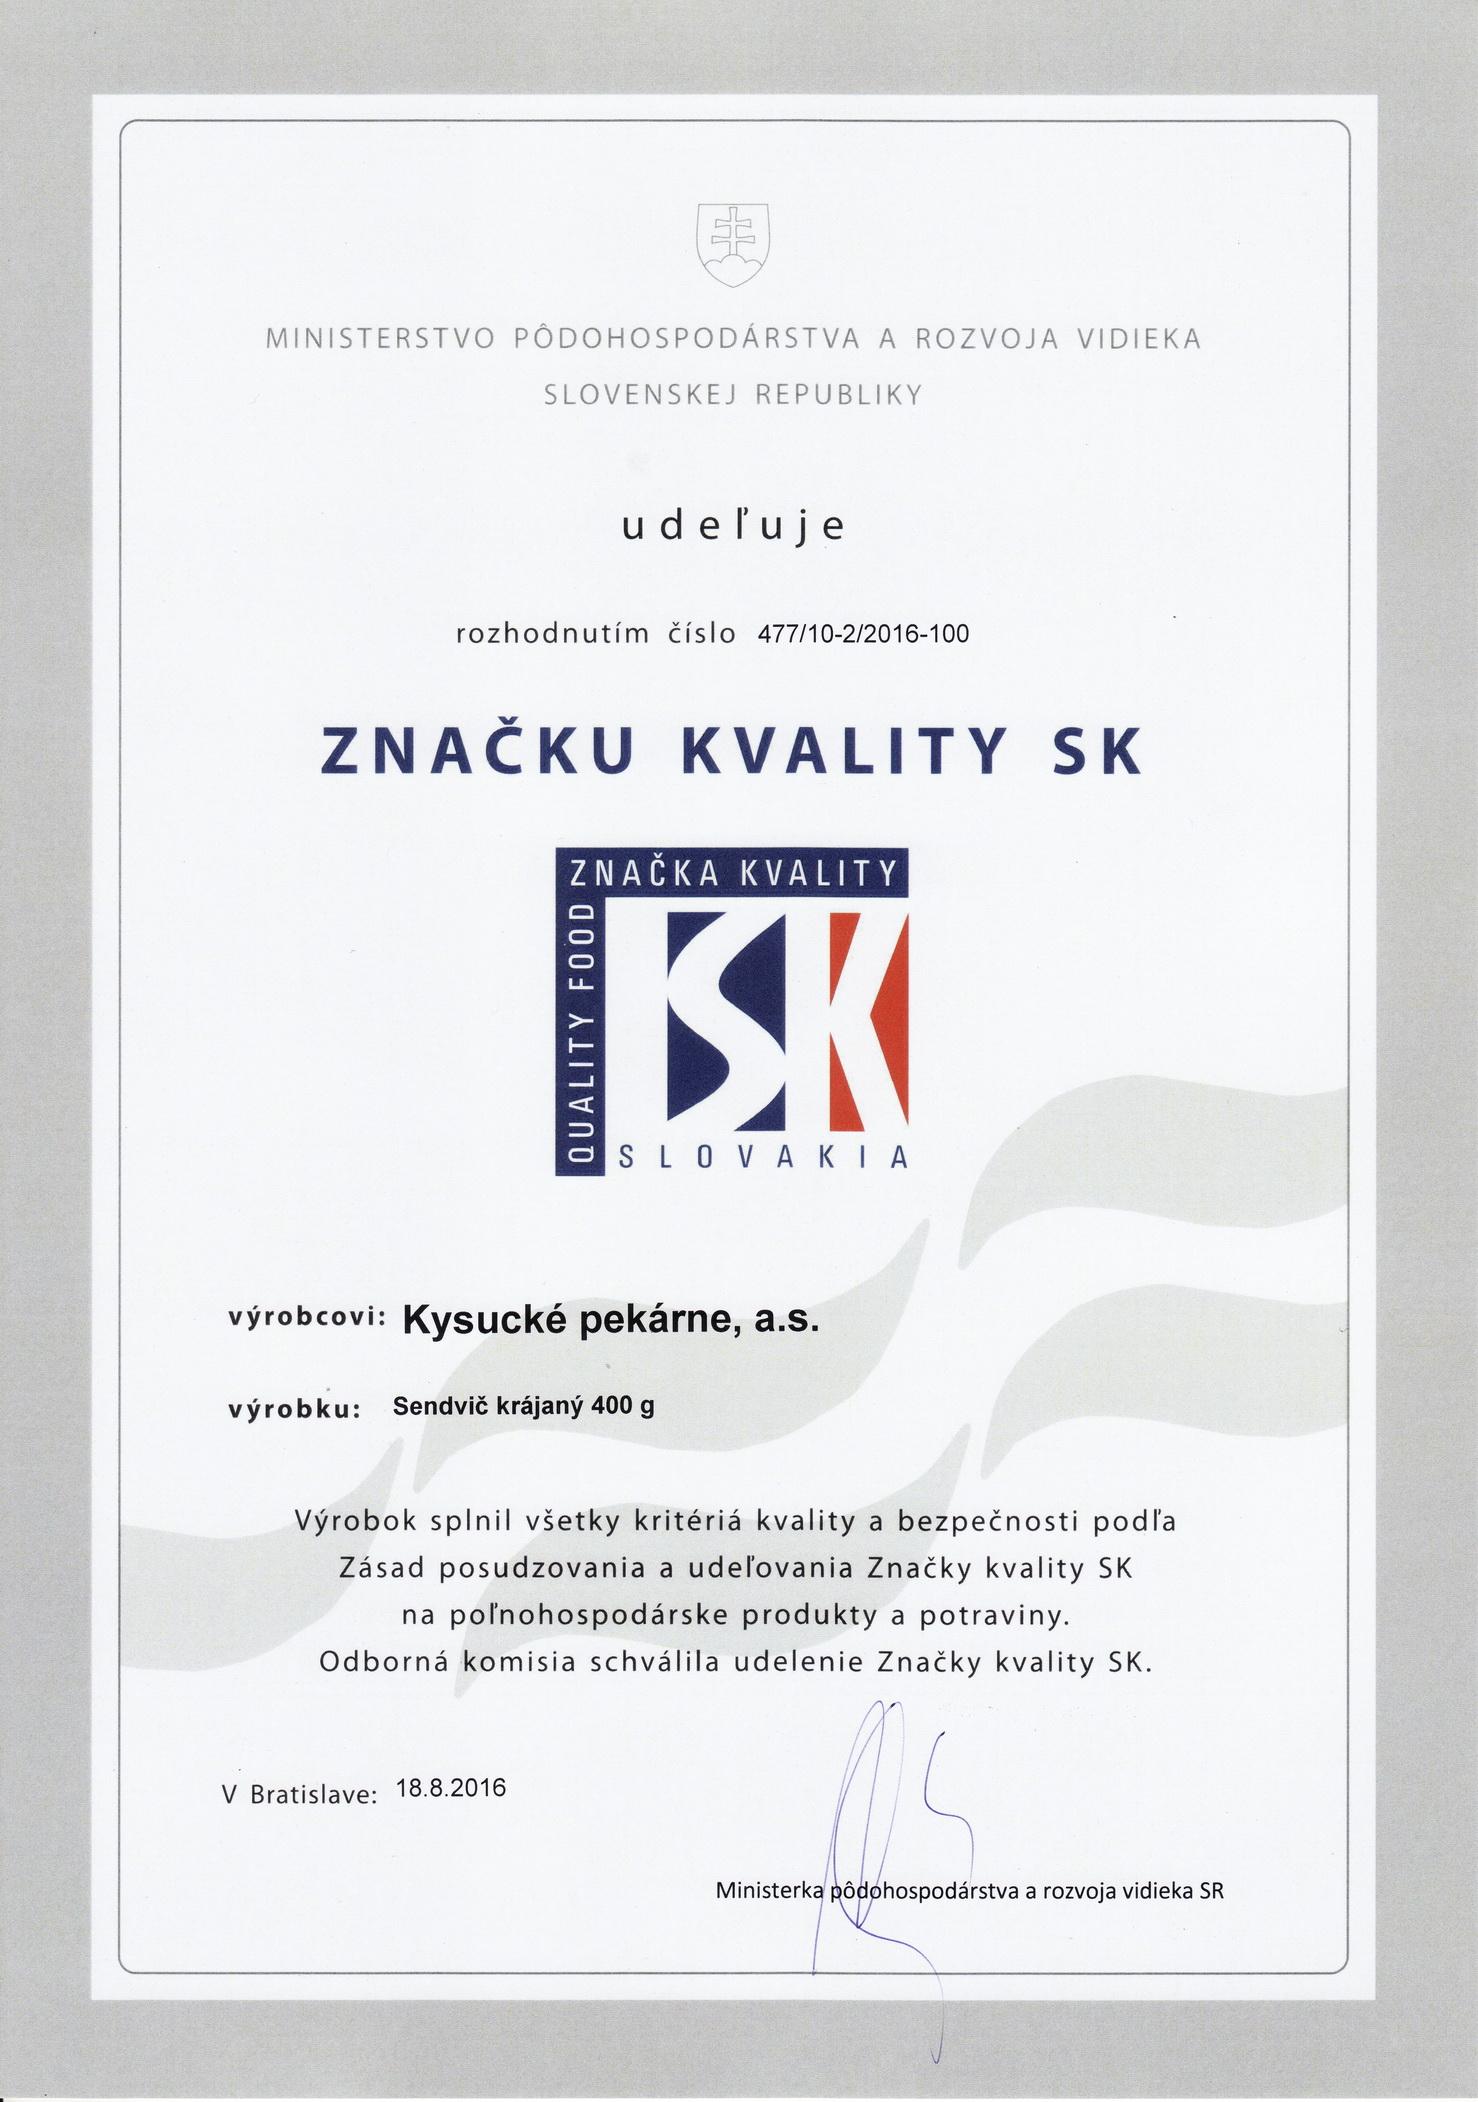 Značka kvality SK - Vilija